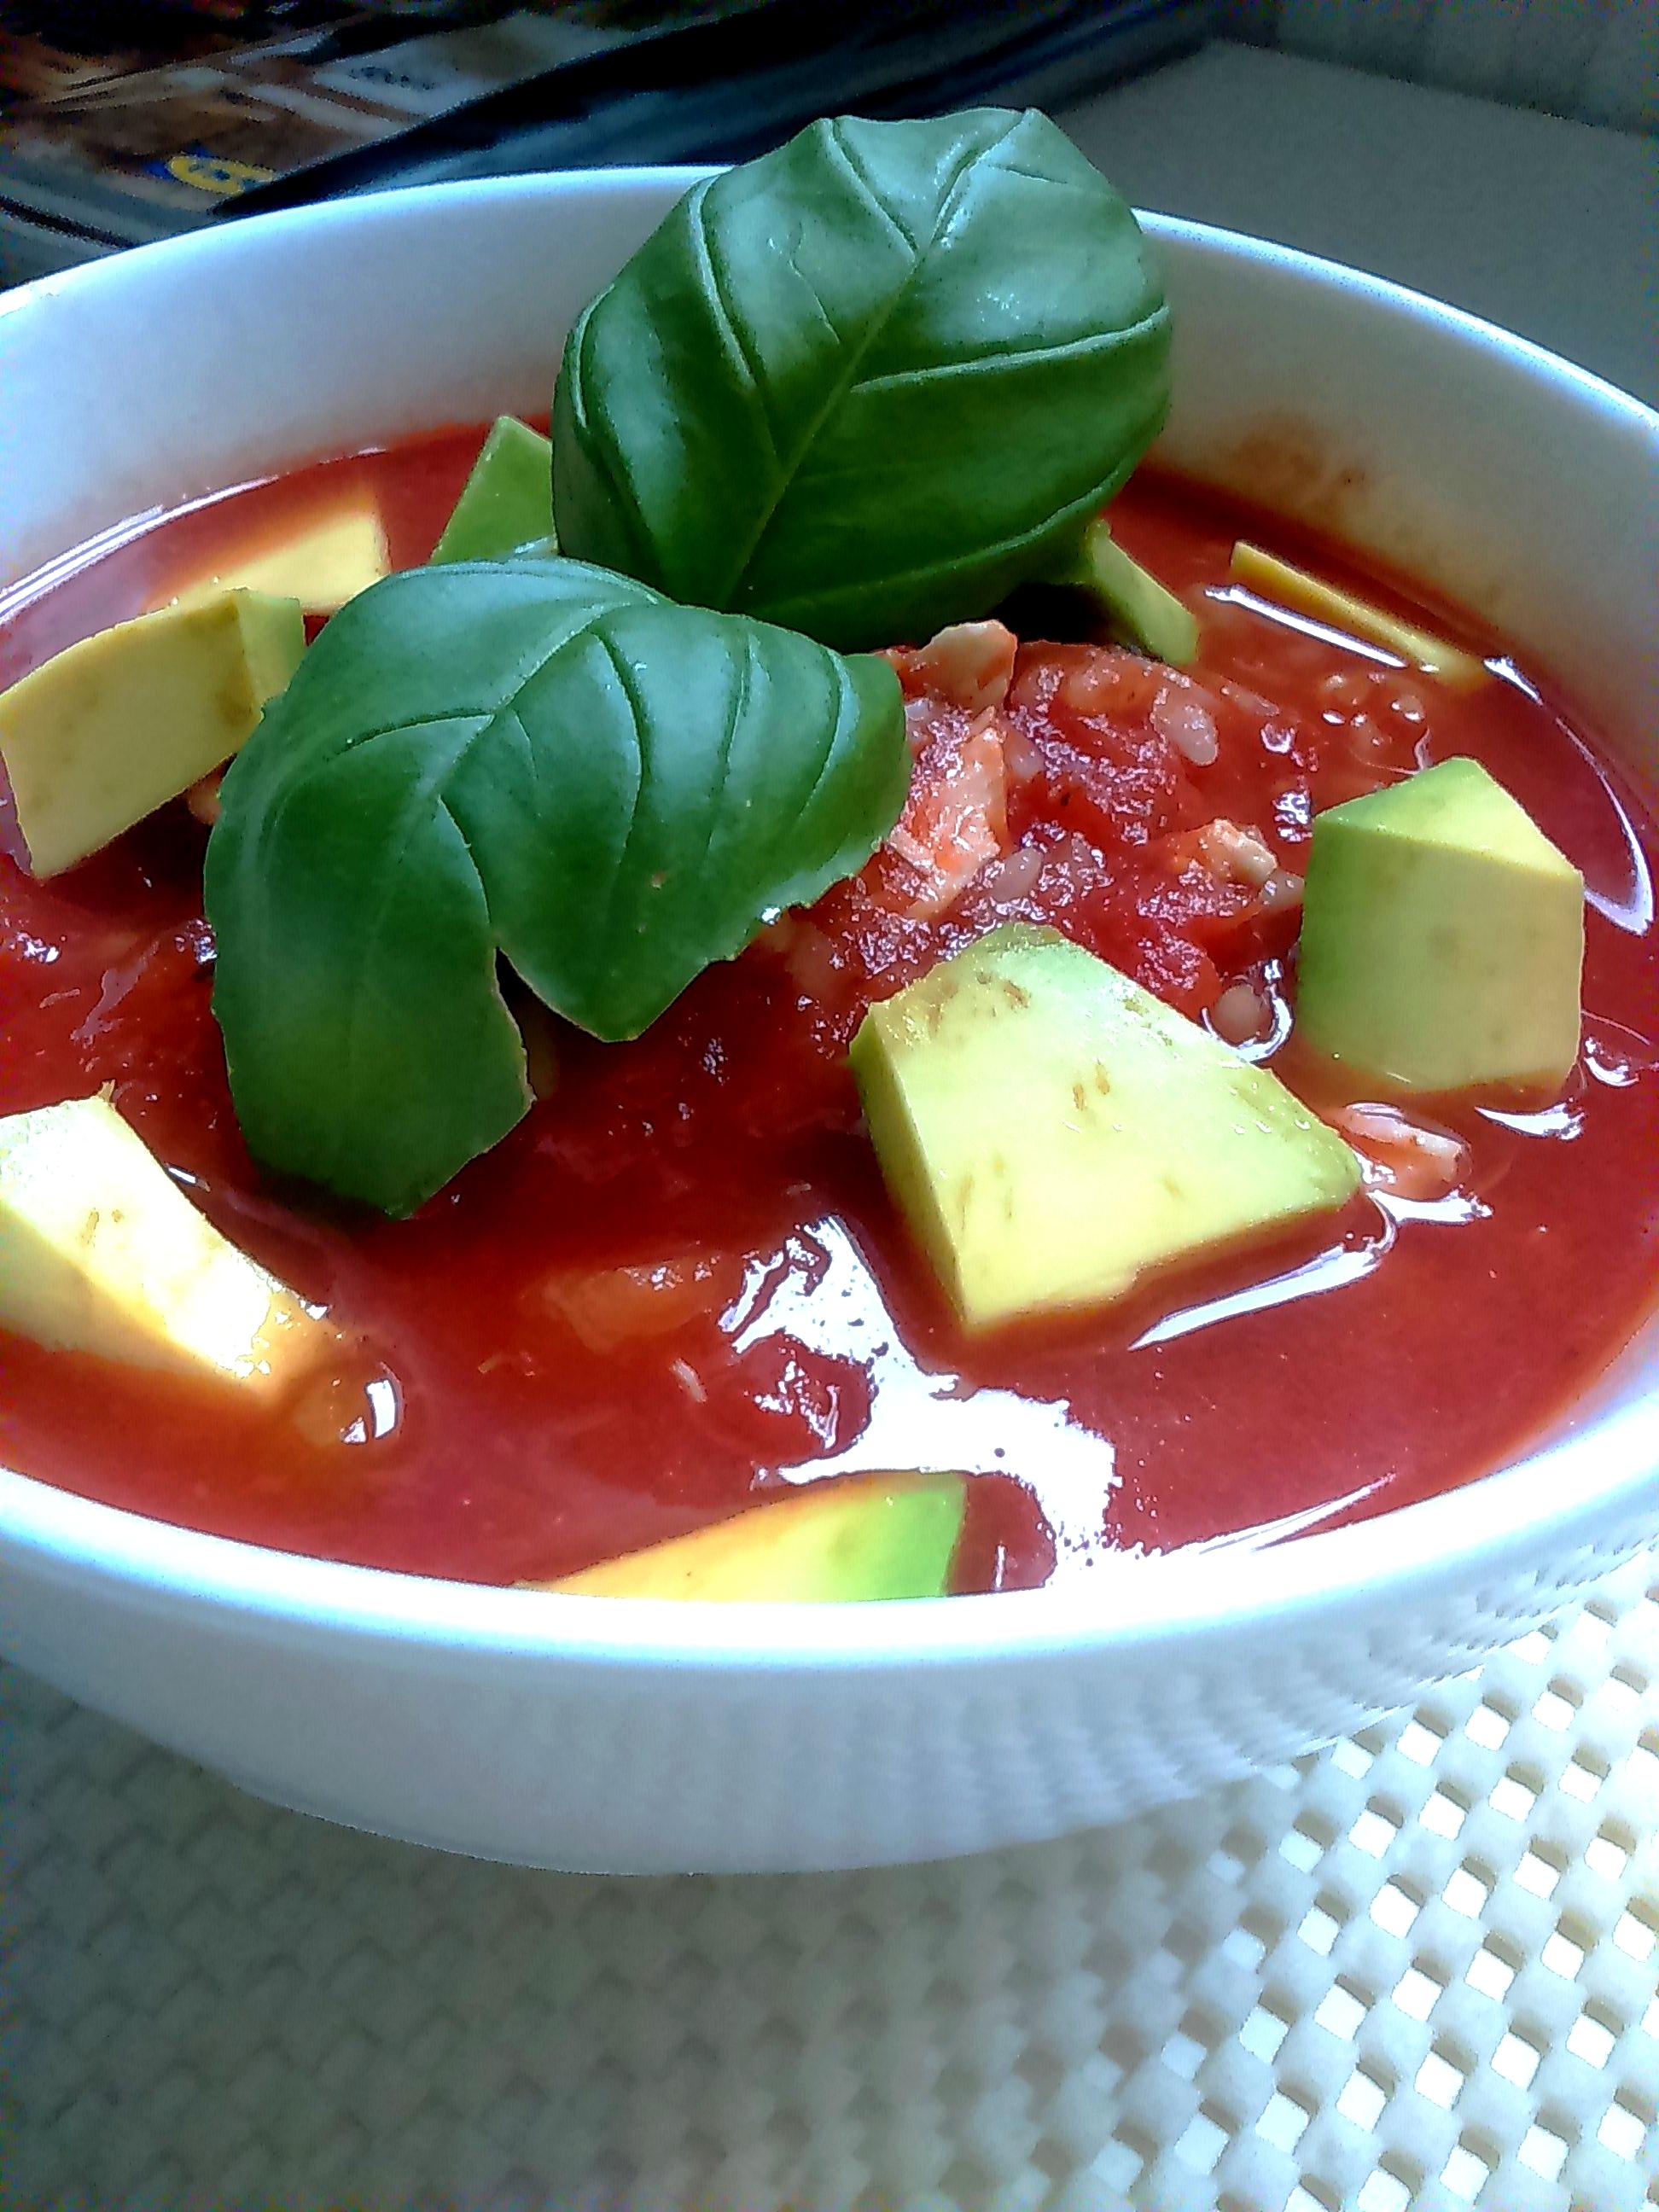 Rozgrzewająca zupa pomidorowa w 5 minut